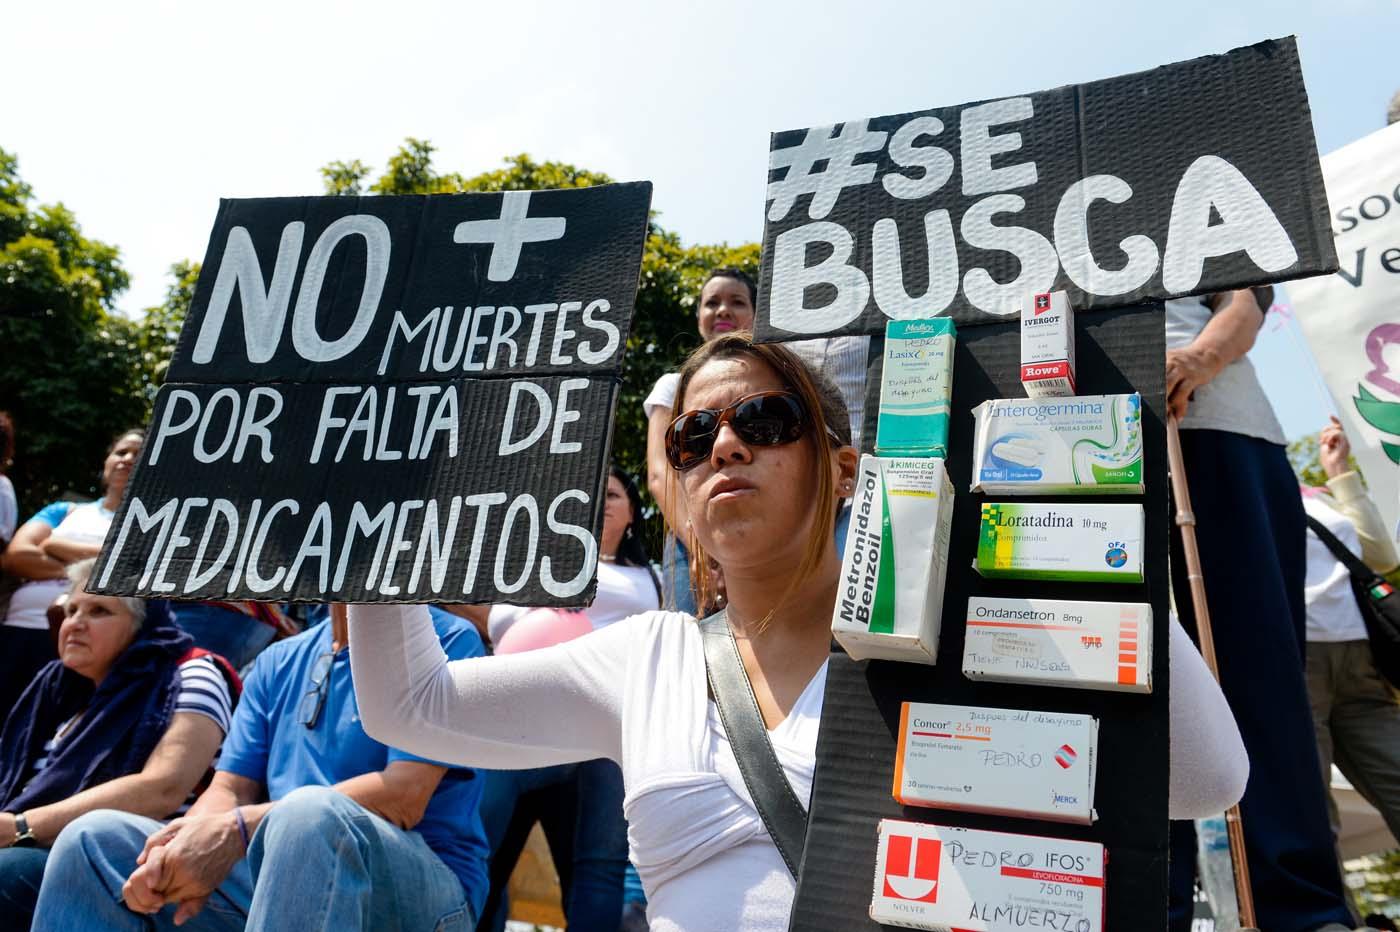 Red de servicios de salud de orientación cristiana pide activar plan de emergencia humanitaria en Venezuela